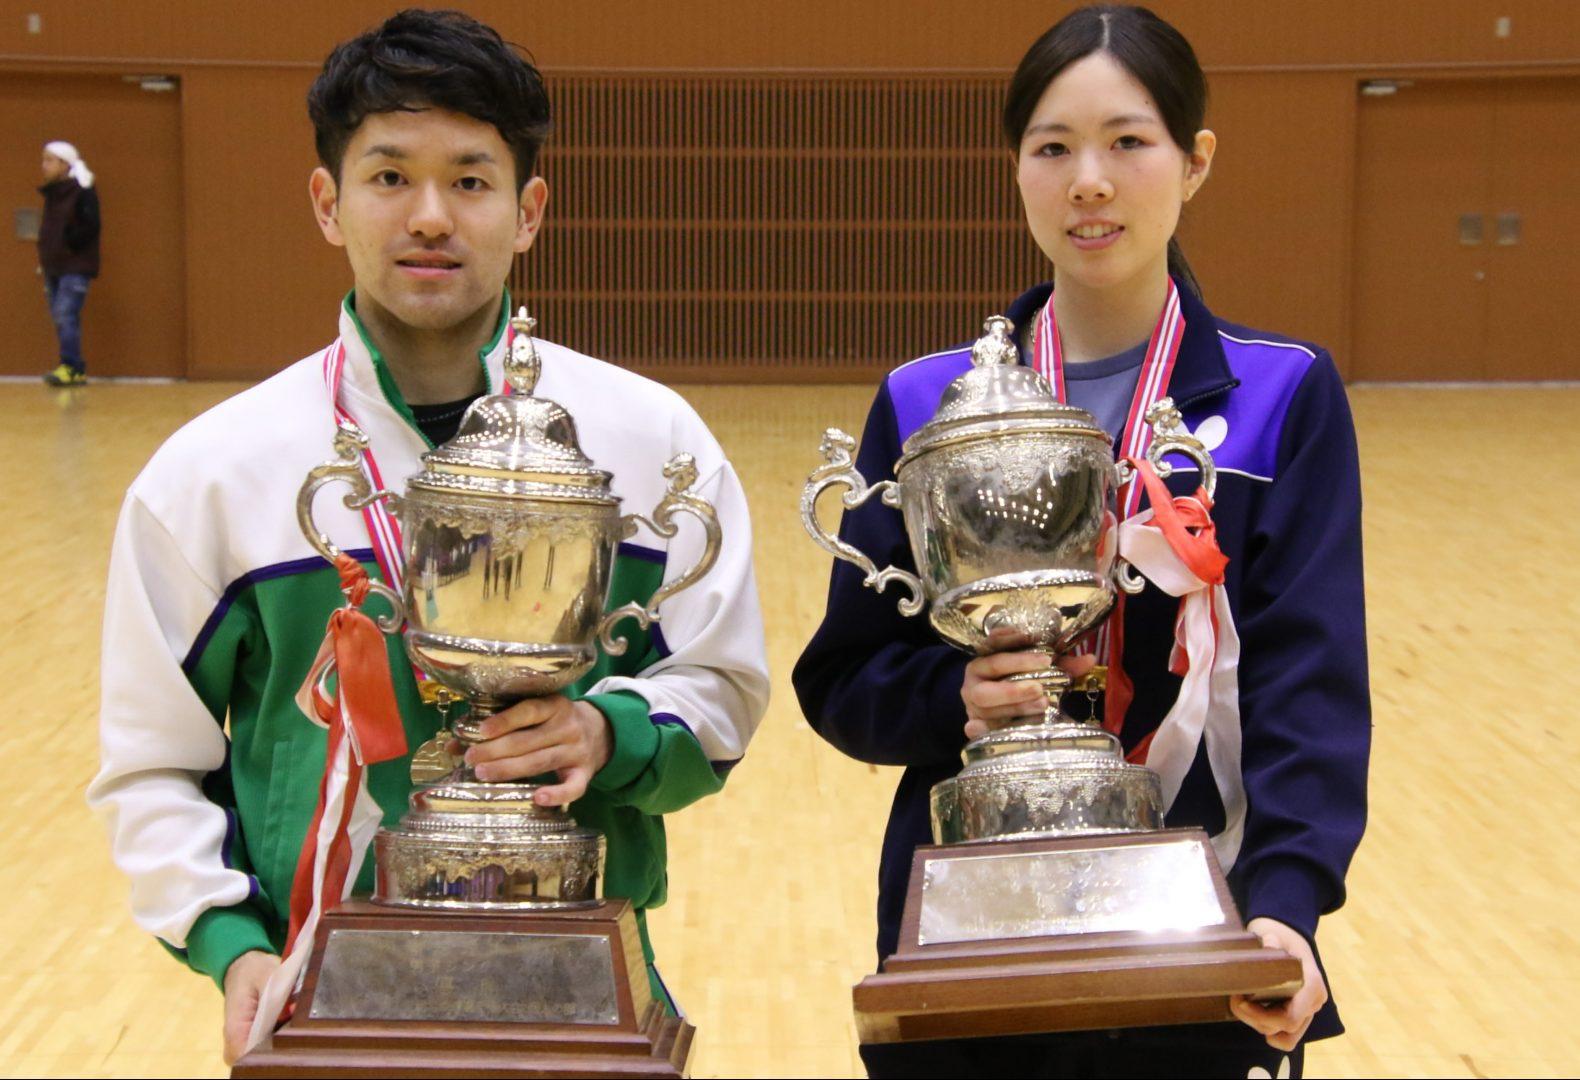 【今週の日本の卓球】大学生日本一決定戦 専大・及川、中大・森田が優勝 全日学 全日程終了